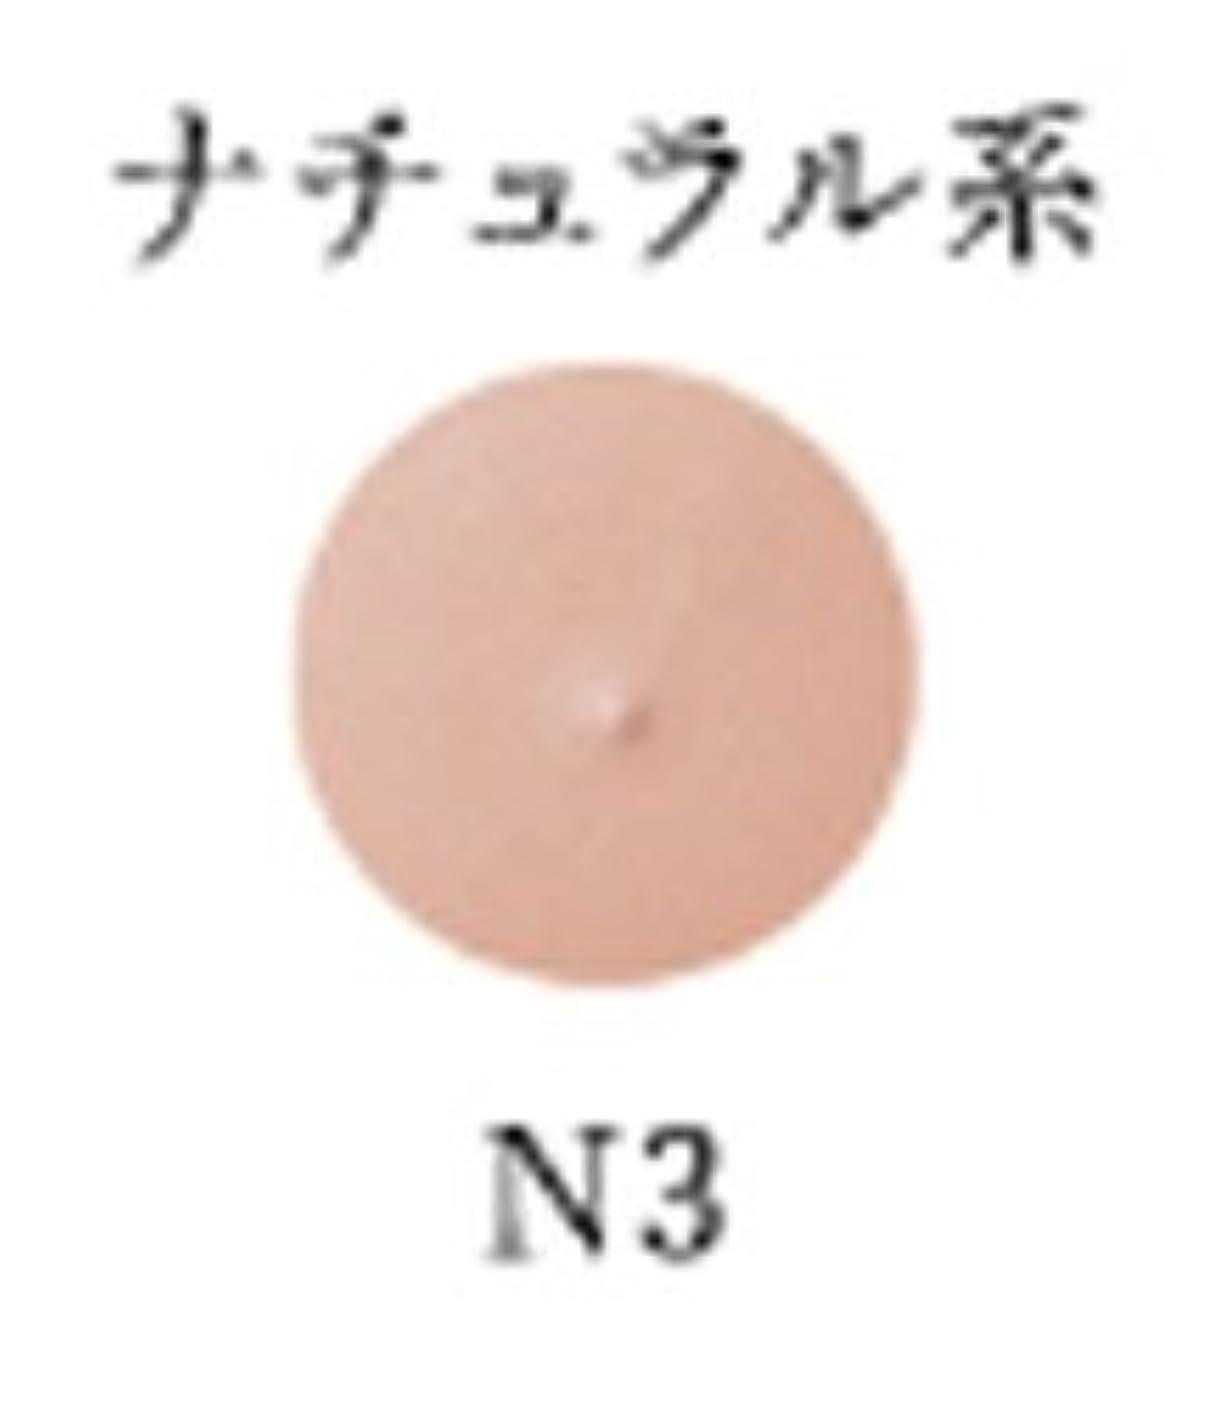 トランク参照酸素オリリー ナチュラルカバーファンデーション(リフィル)<ケース別売> 《12g》<カラー:N3>